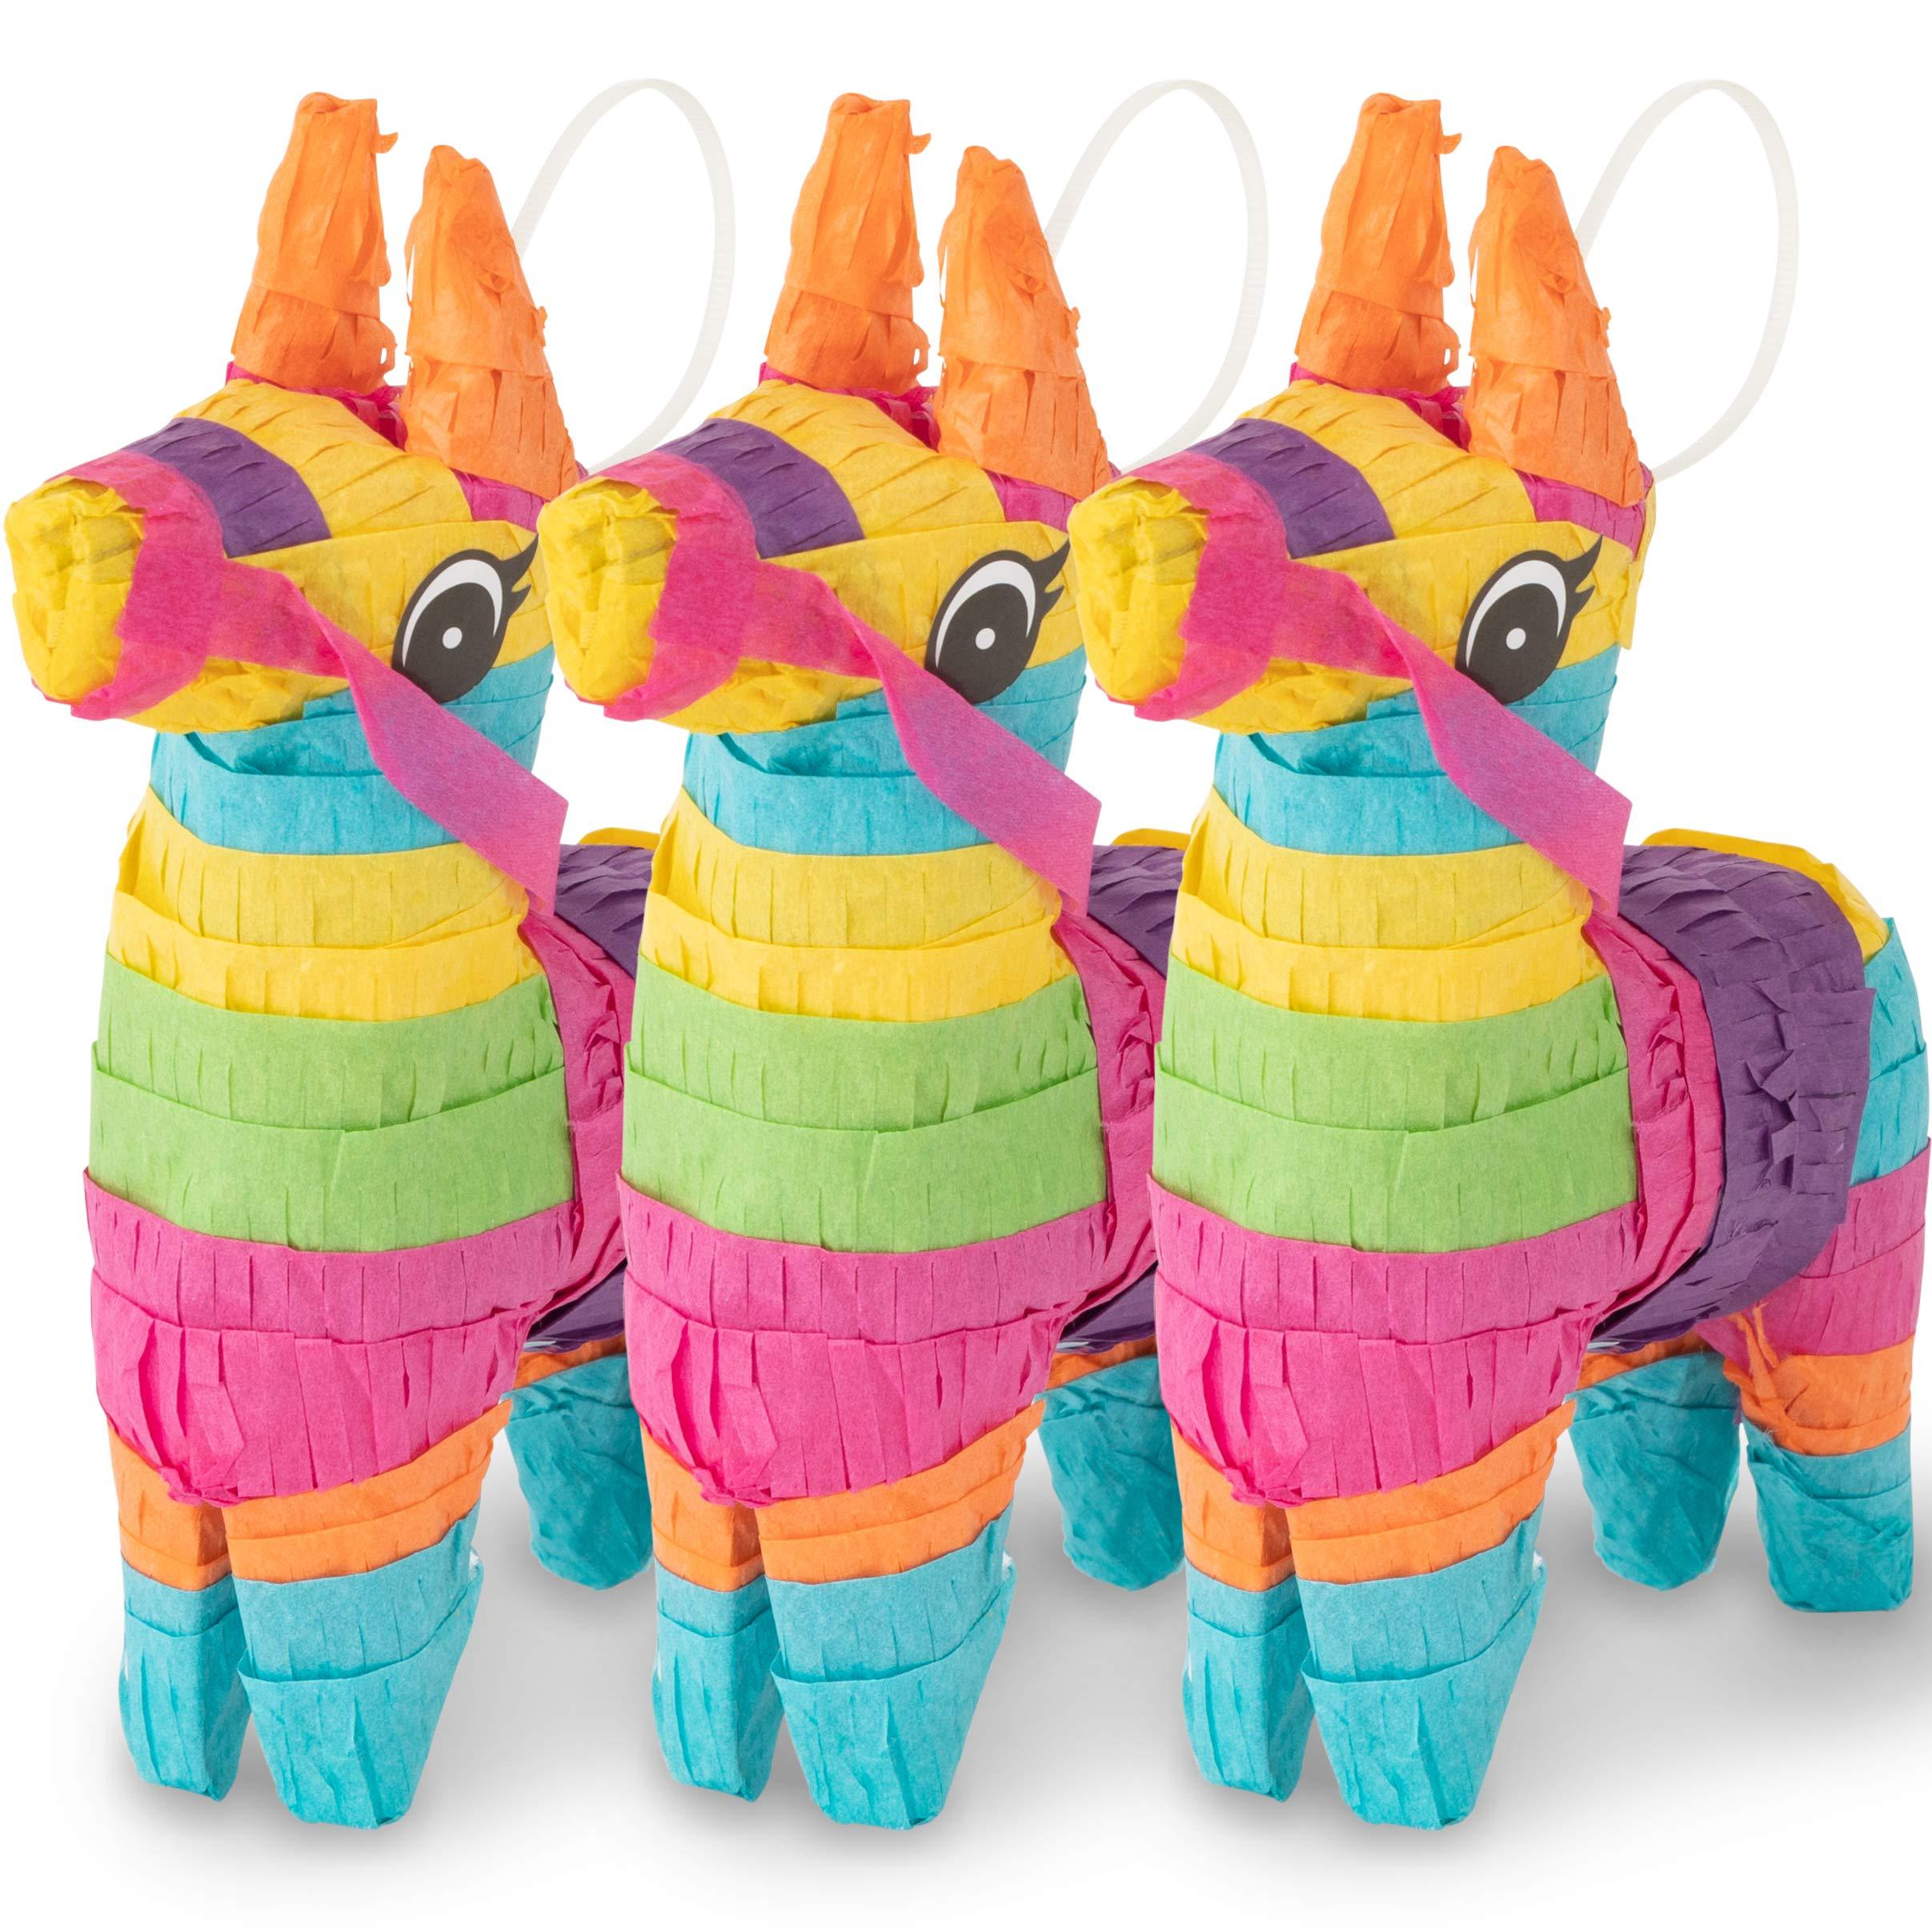 Meklines Mini Donkey Pinata Rainbow Colored